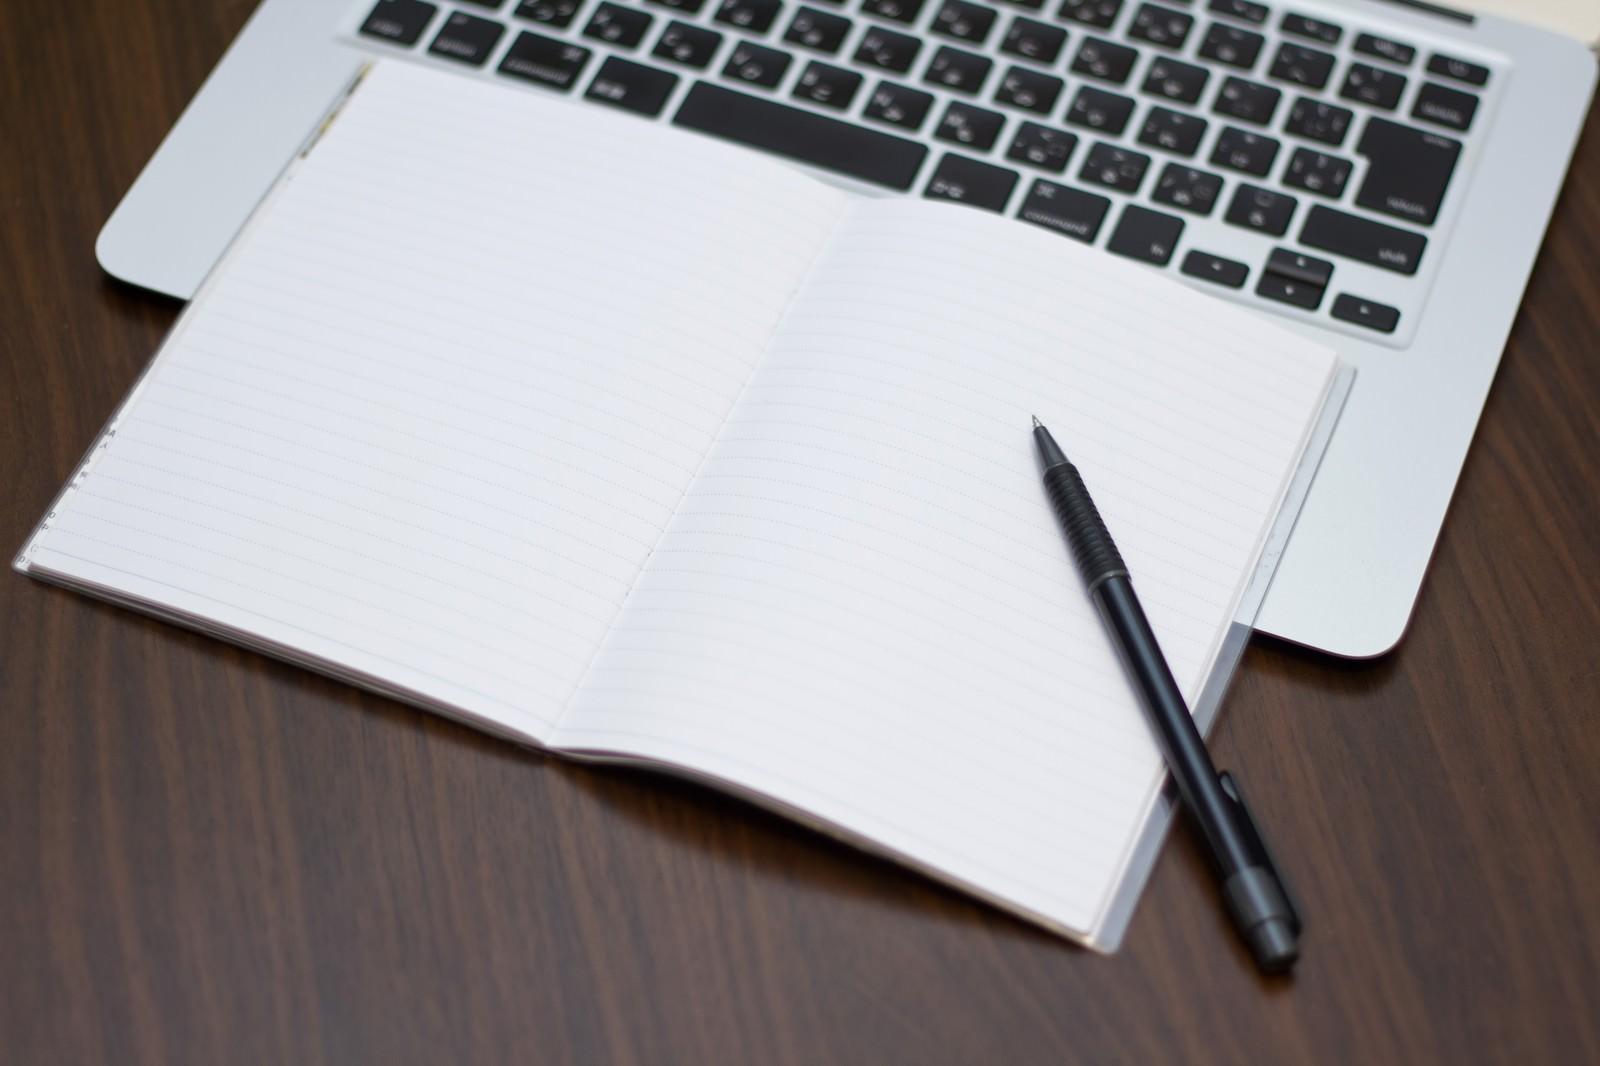 「ノートパソコンにメモとペン」の写真